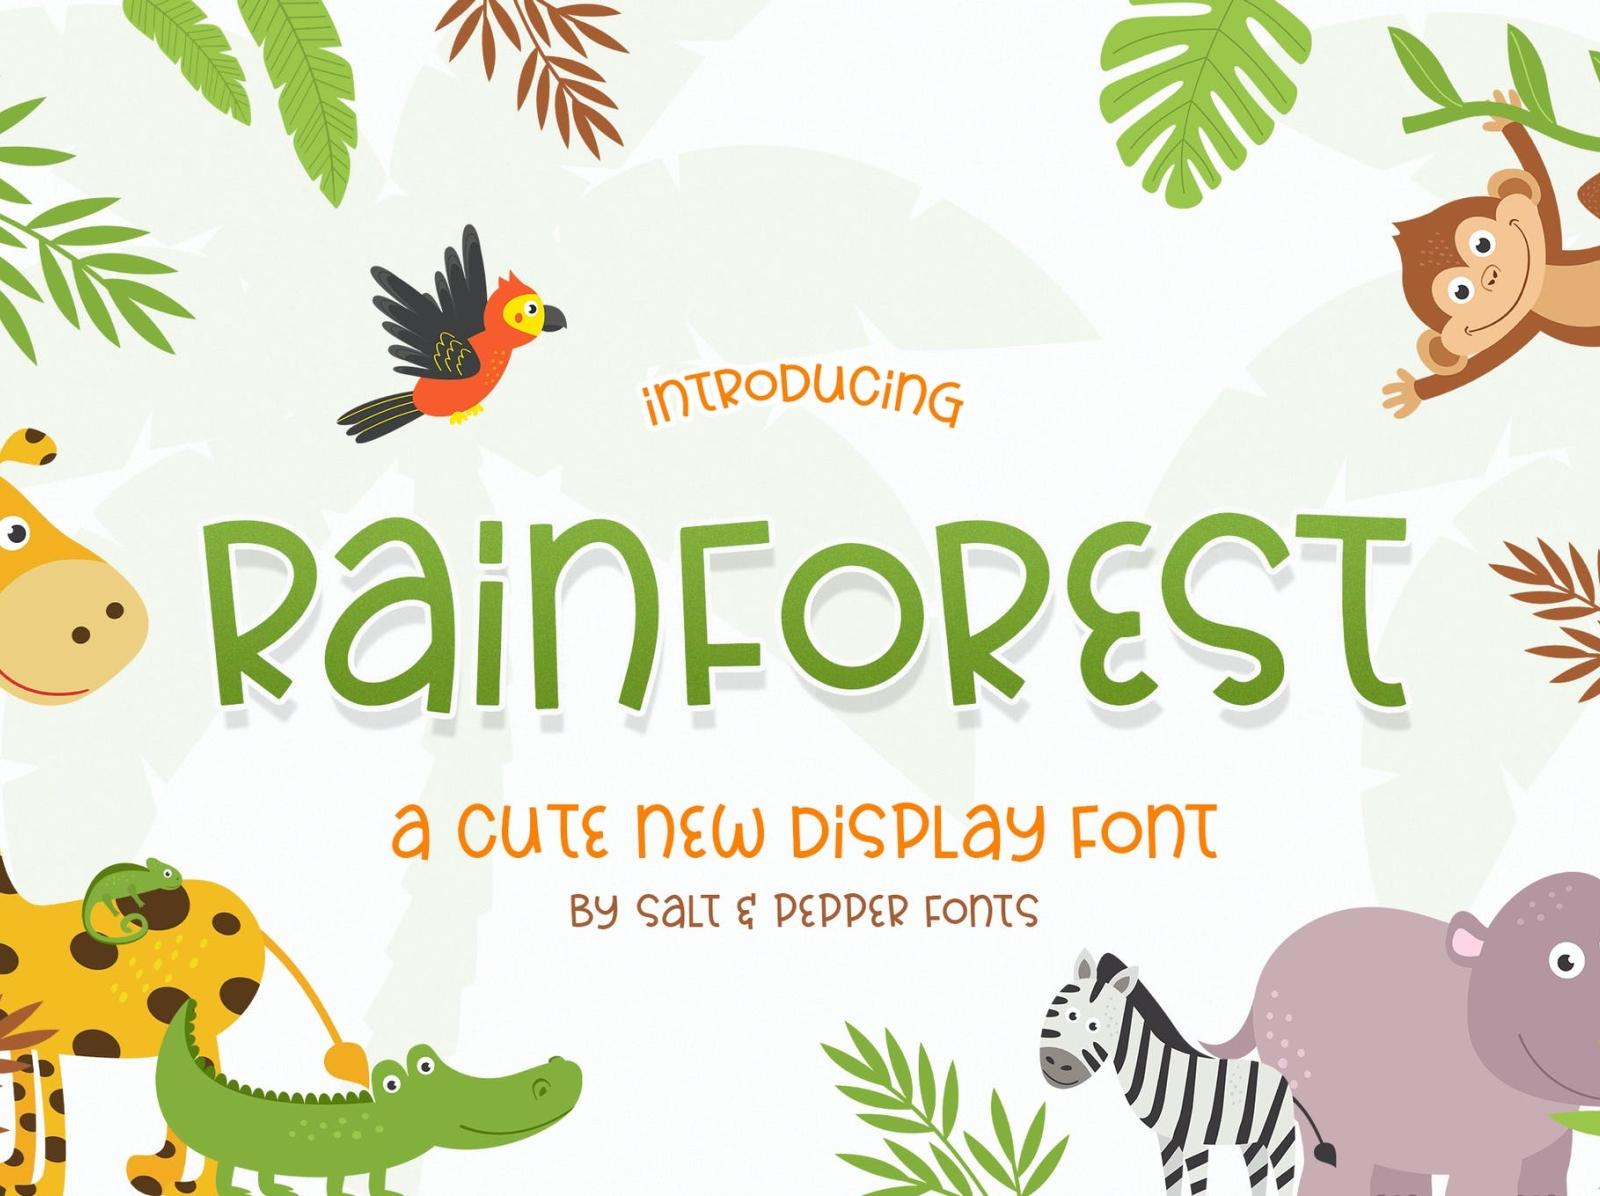 Rainforest Font display font font ux typography vector ui 3d logo illustration graphic design design branding